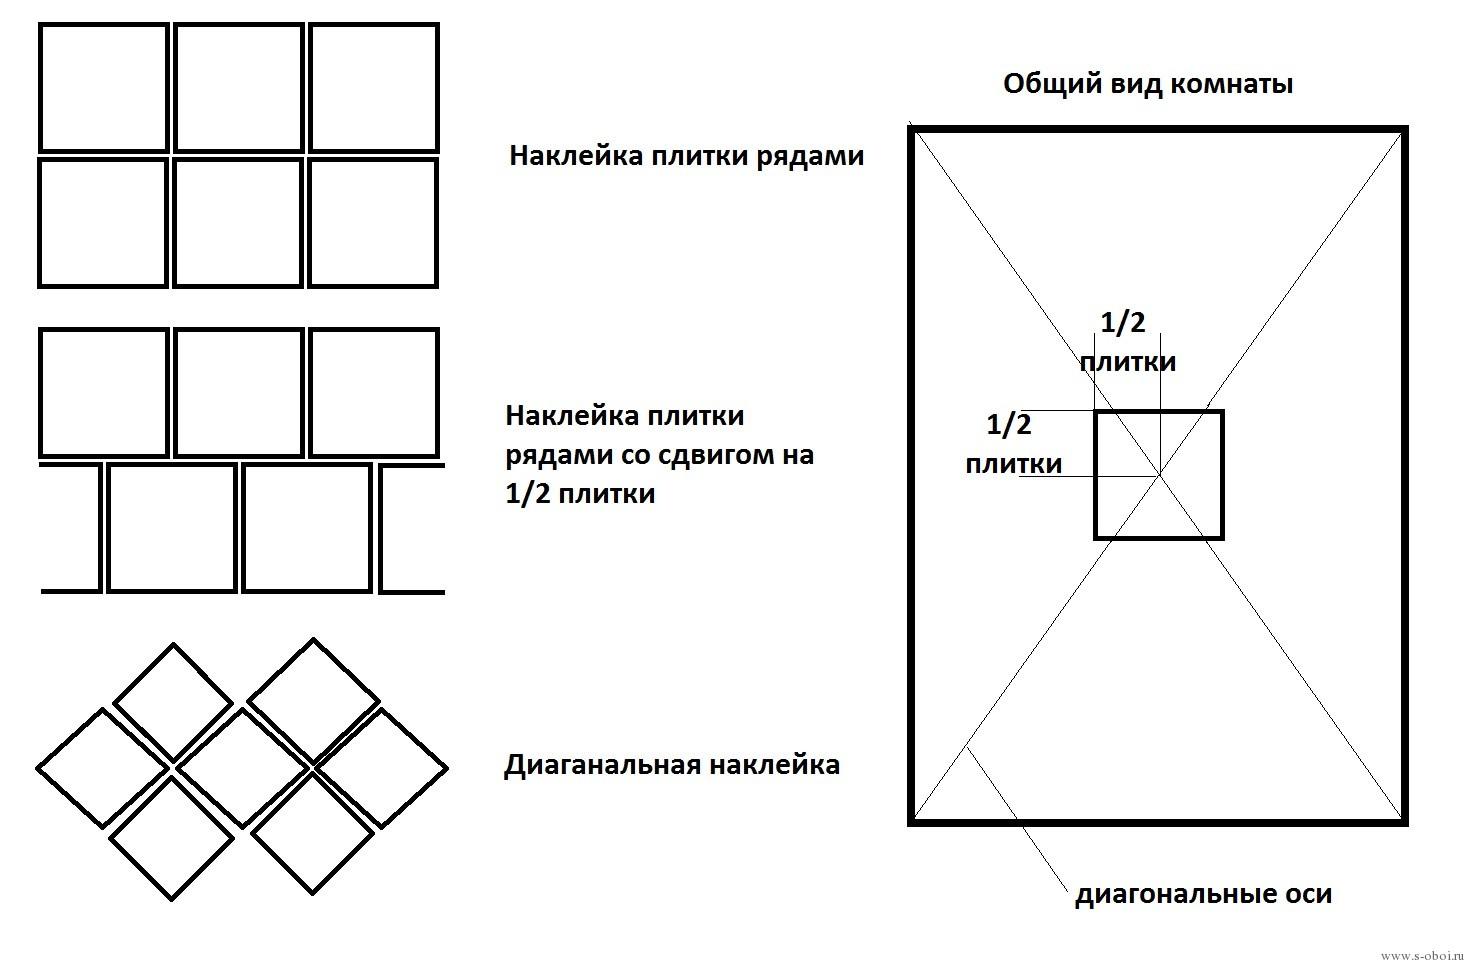 Перед нанесением разметки необходимо выбрать вариант поклейки плитки на потолок